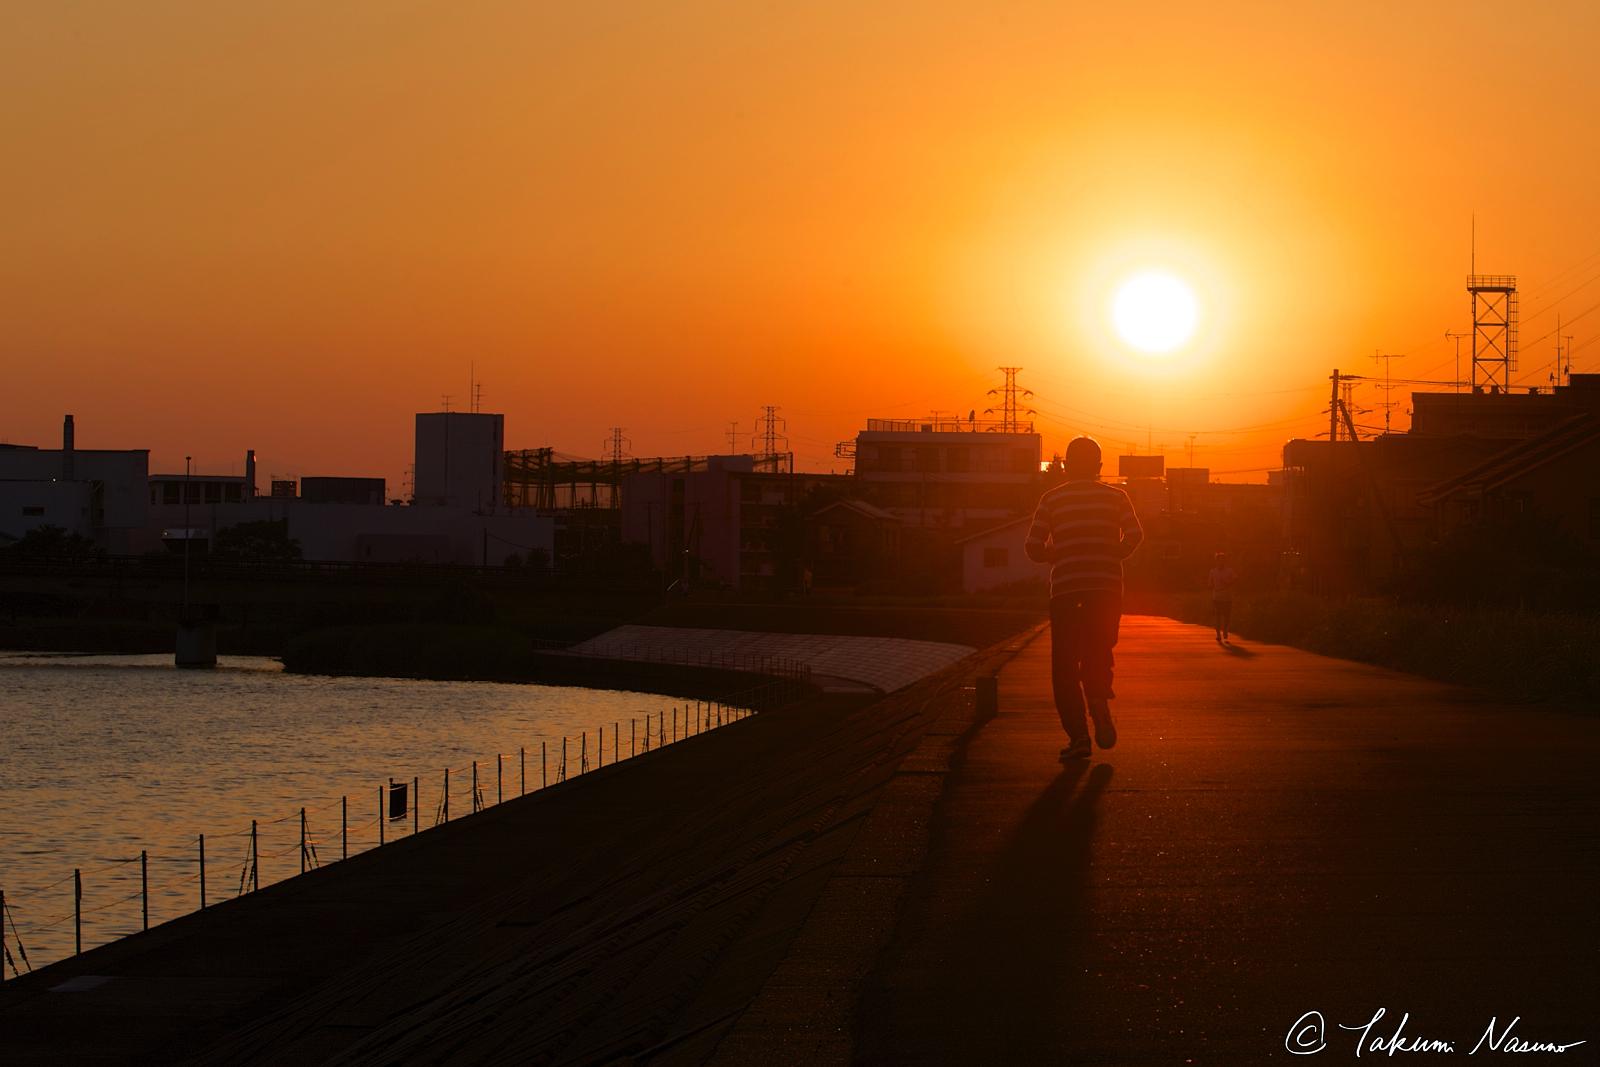 Tsurumi_Tsurumi-River_w18